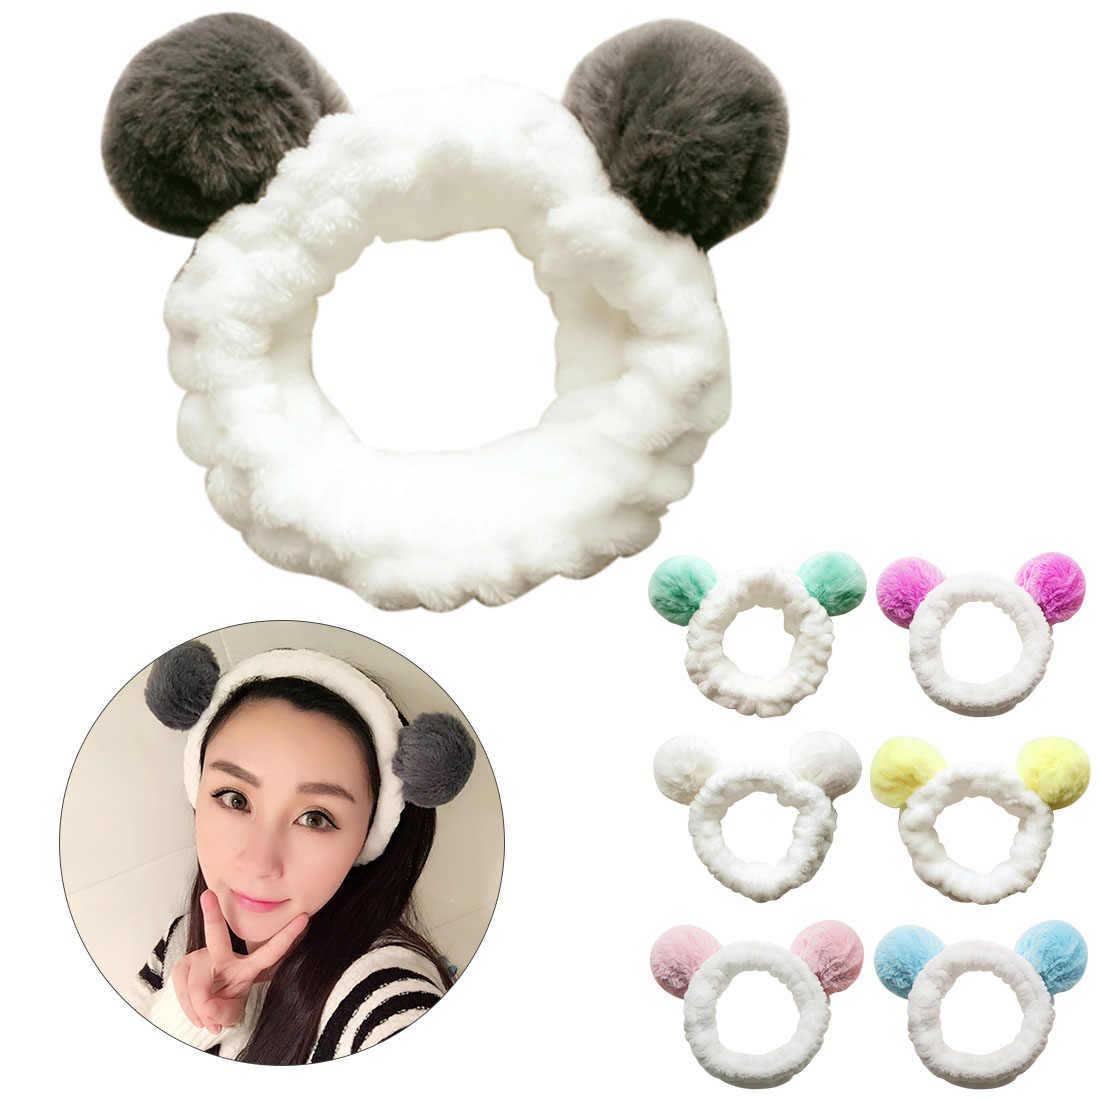 Милые панды уха Женская головная повязка тюрбан девушка эластичный макияж шапочка для душа головы обёрточная бумага корейская мода стиральная уход за кожей